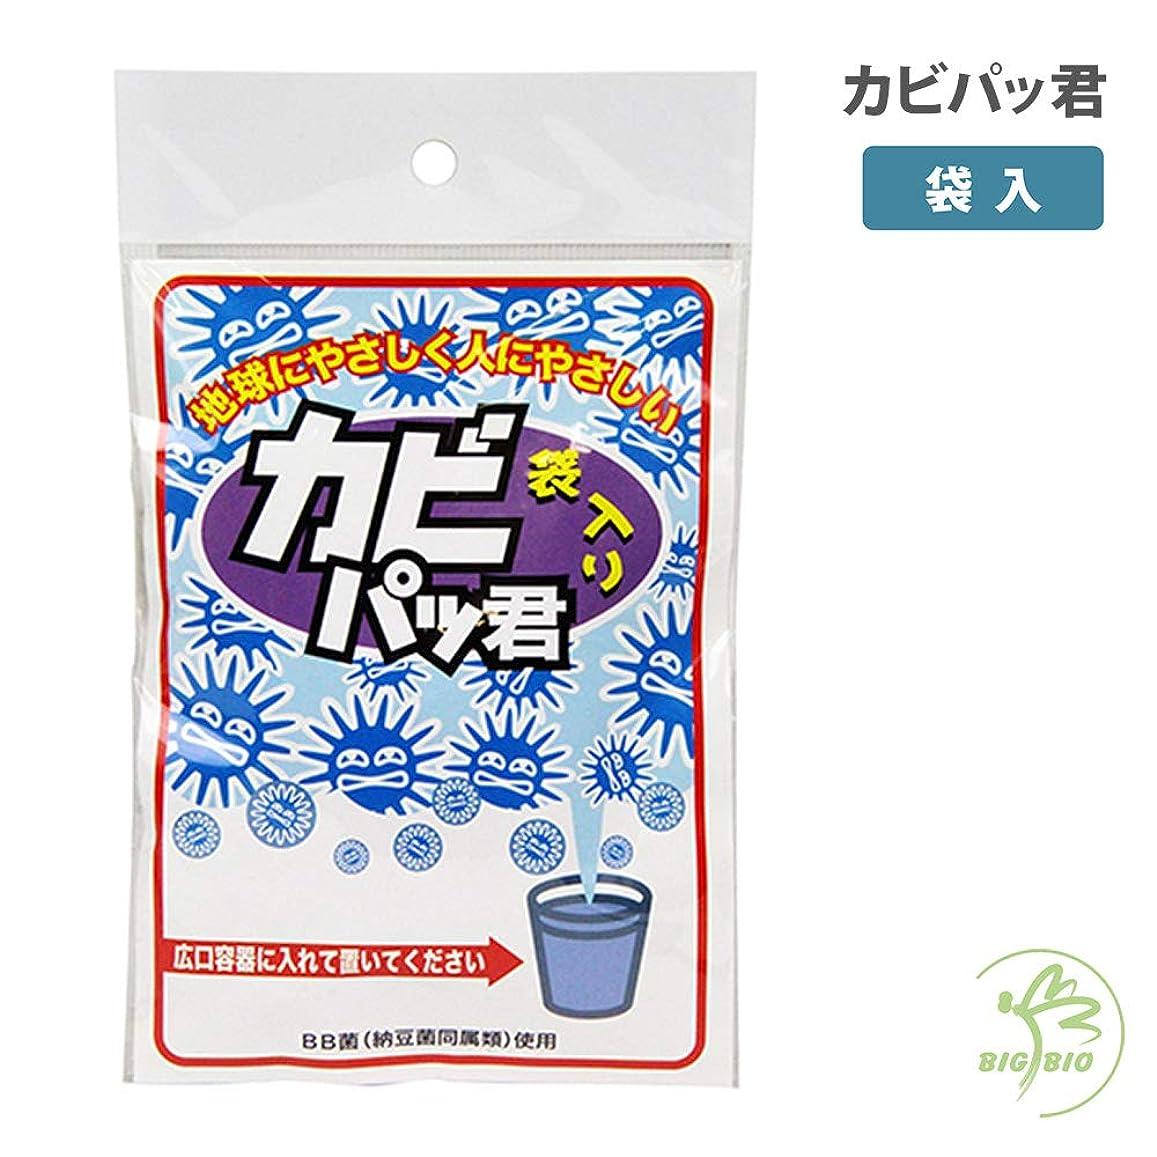 エコー種おなかがすいた納豆菌のカビパッ君 袋入り(1個入)